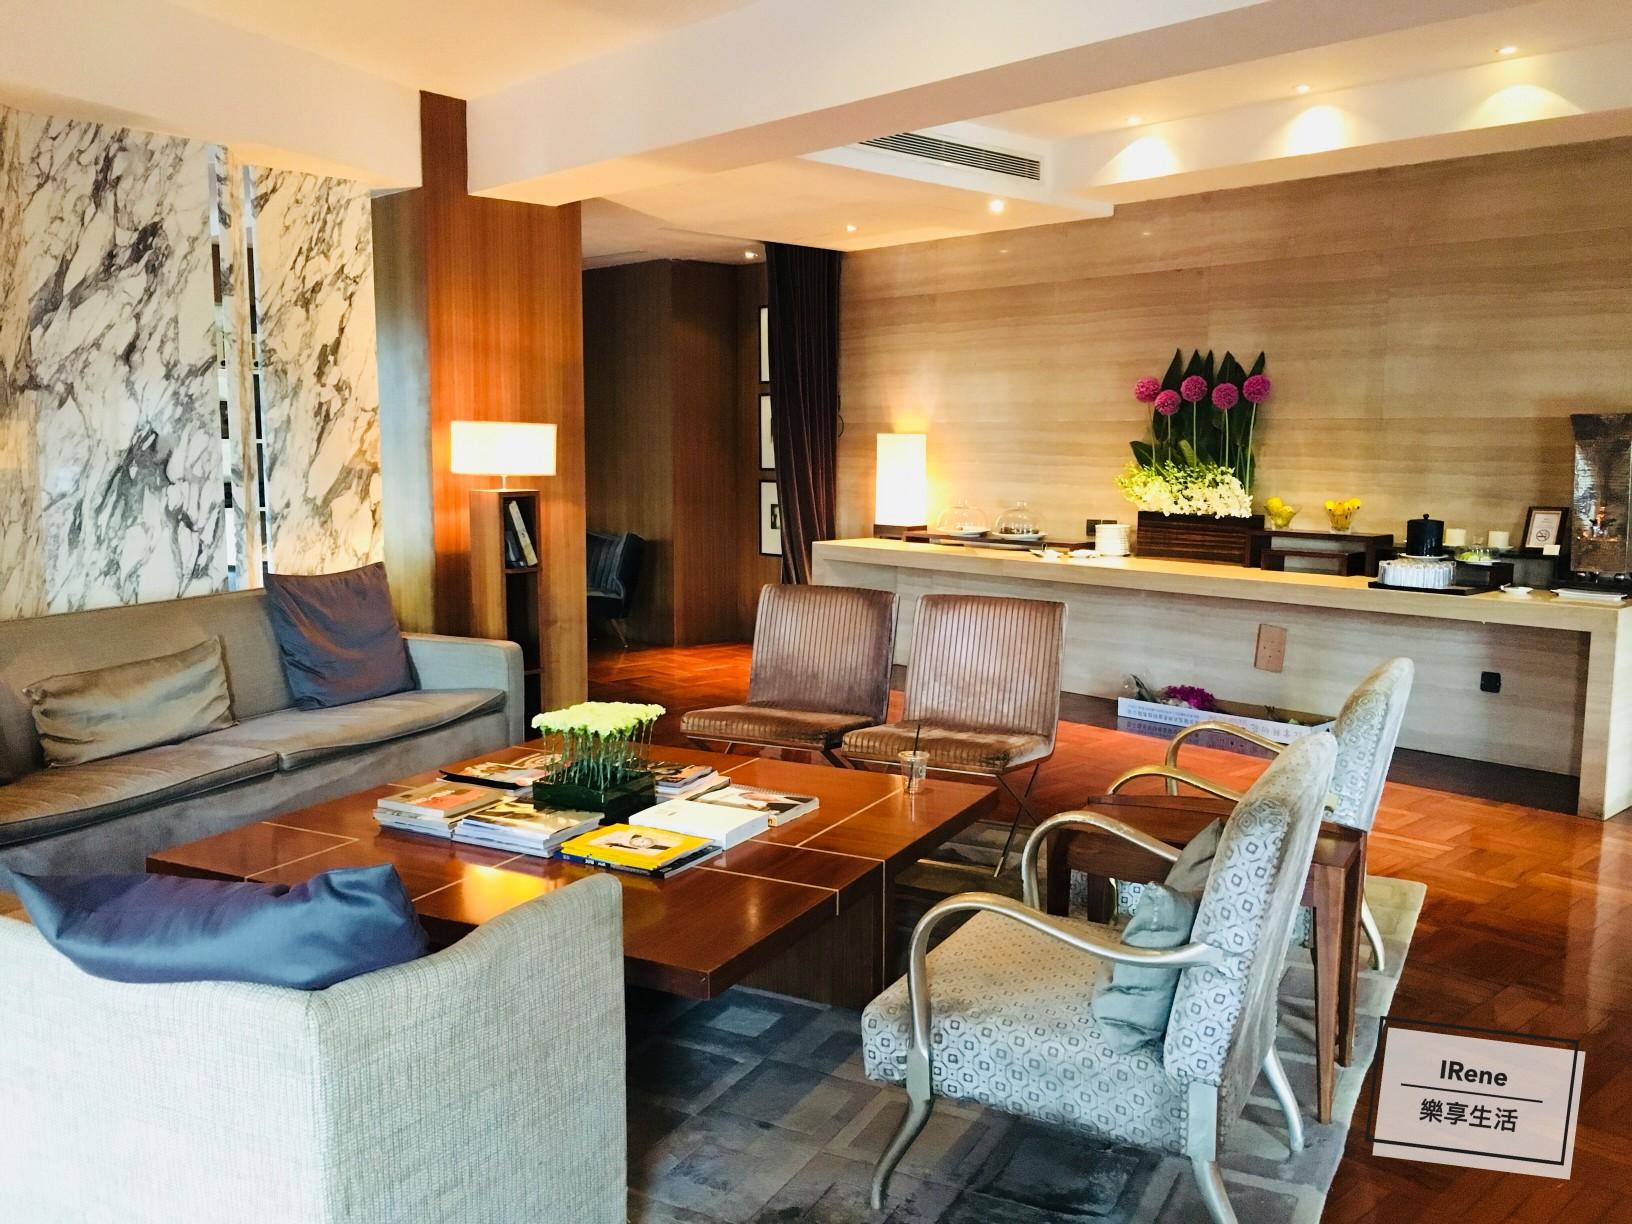 上海住宿推薦-上海外灘東方商旅精品酒店Lounge